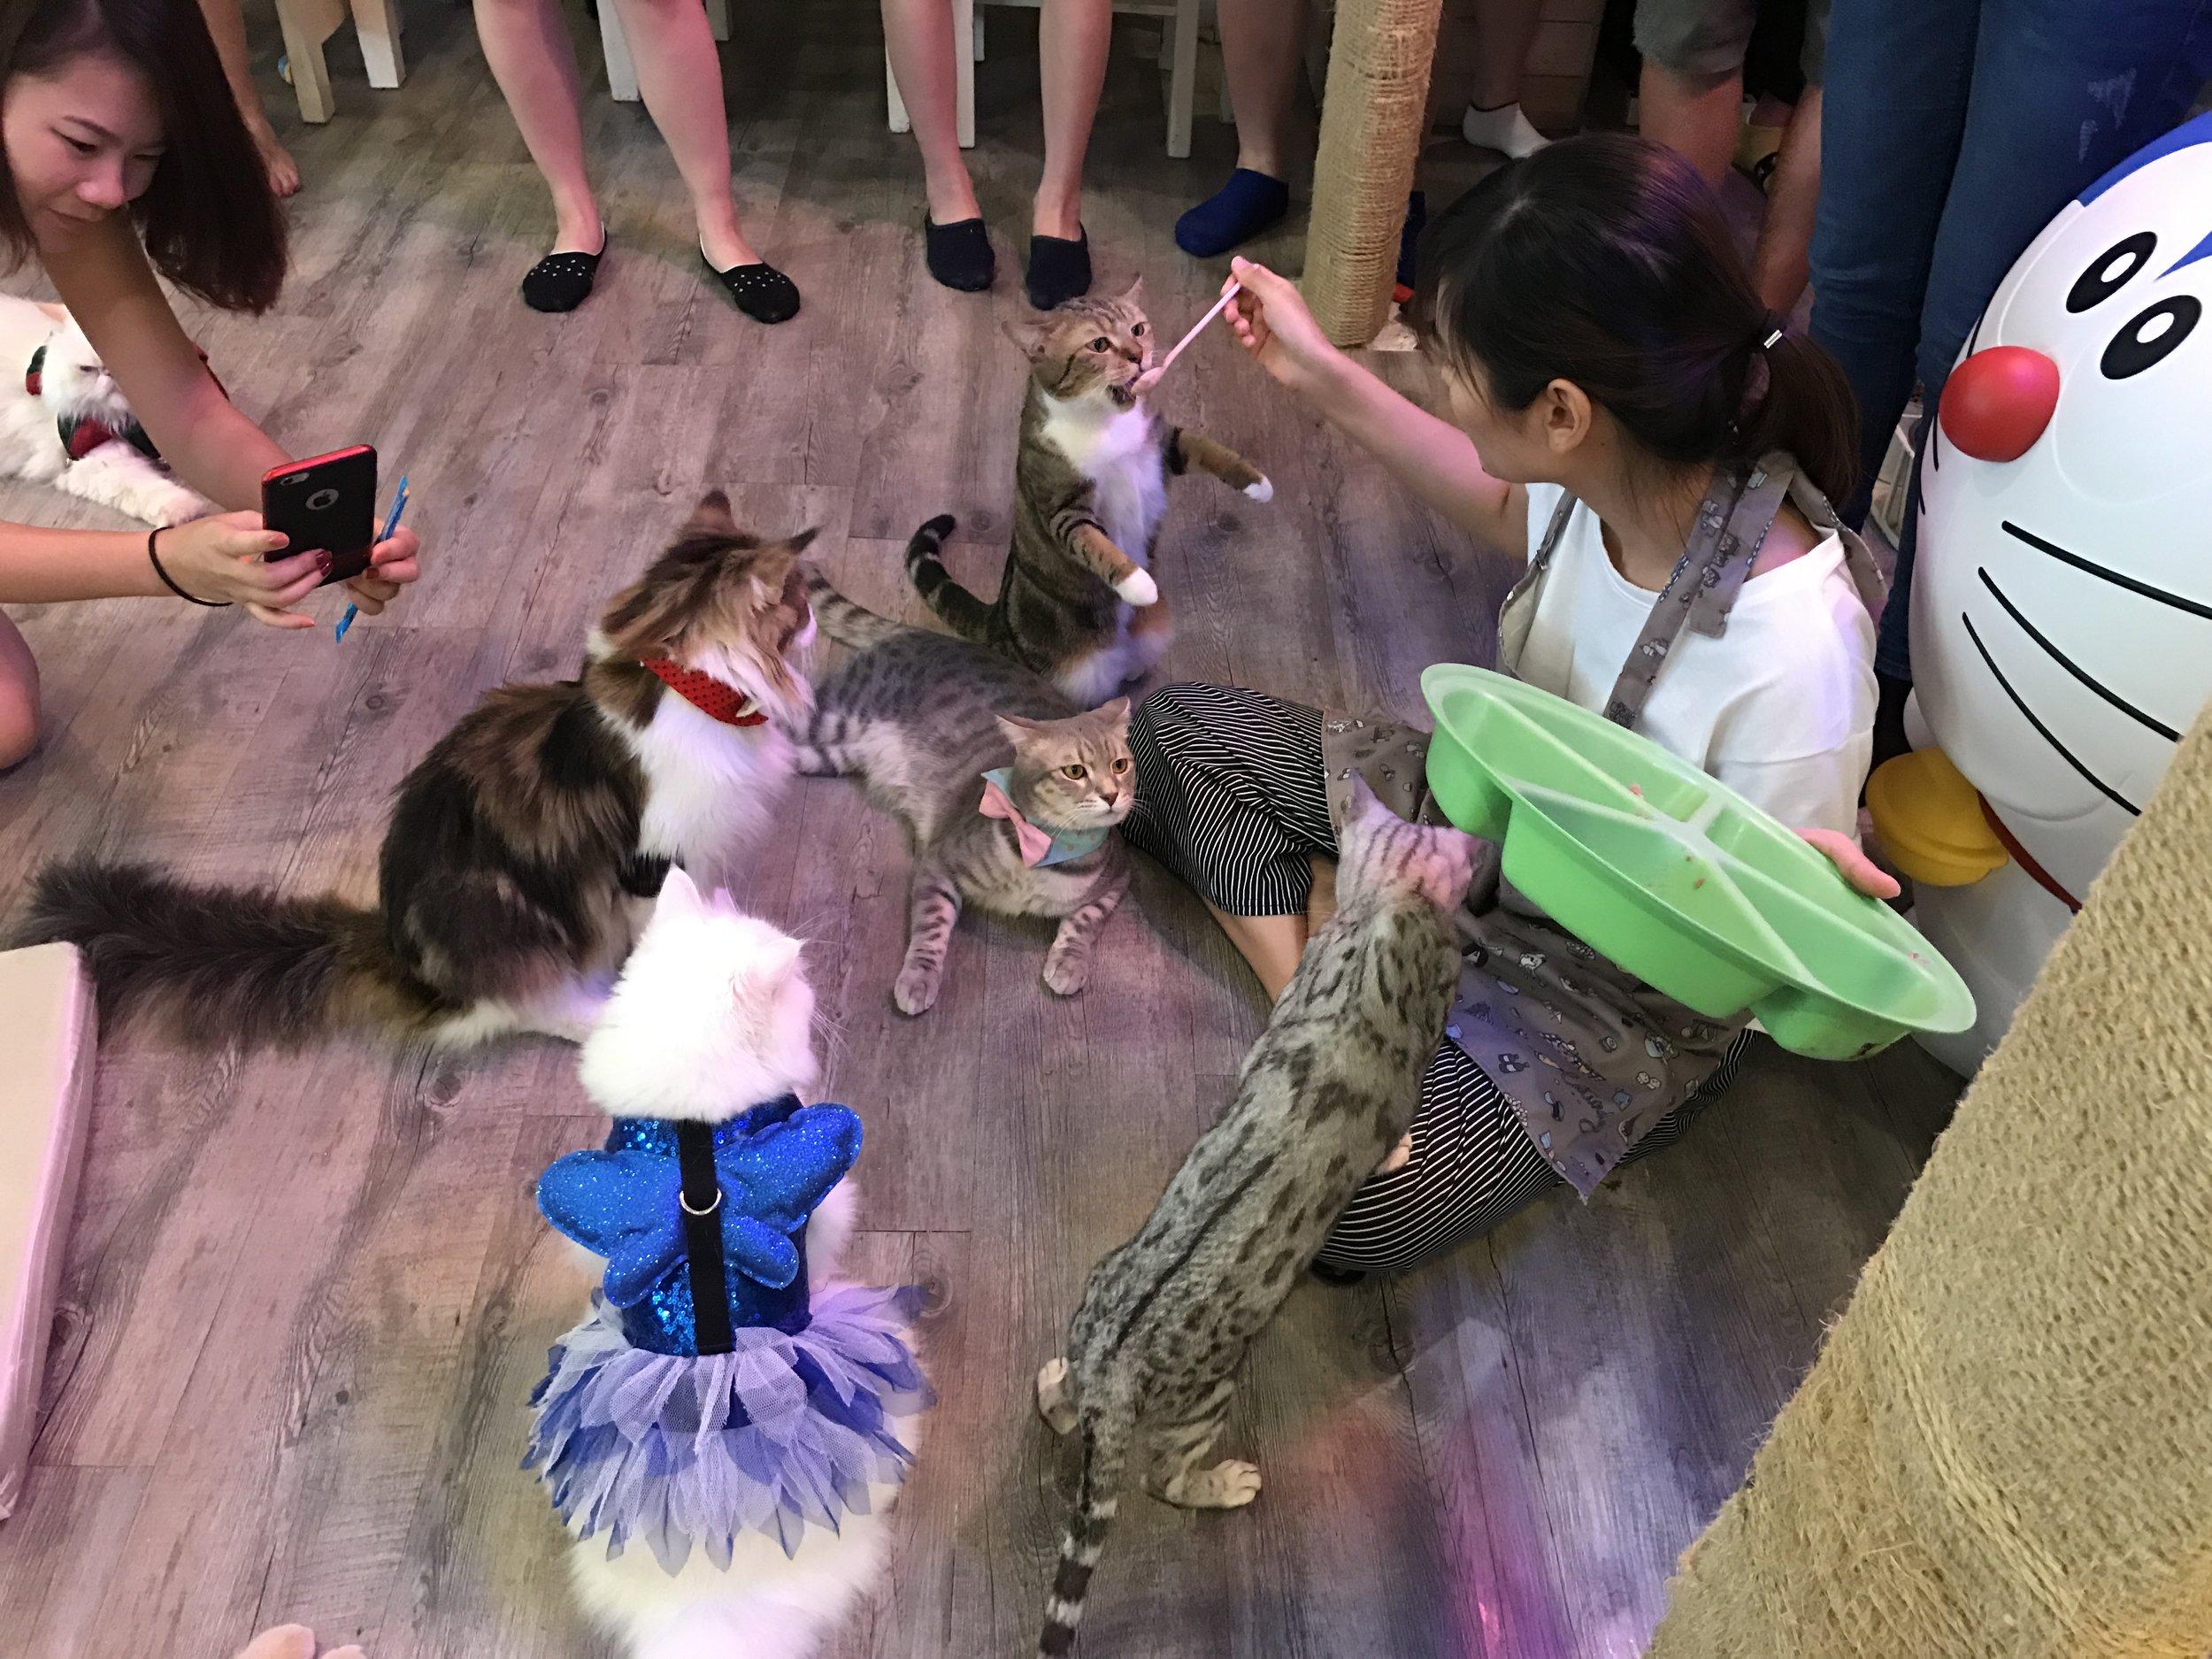 Caturday Cat Cafe feeding cats